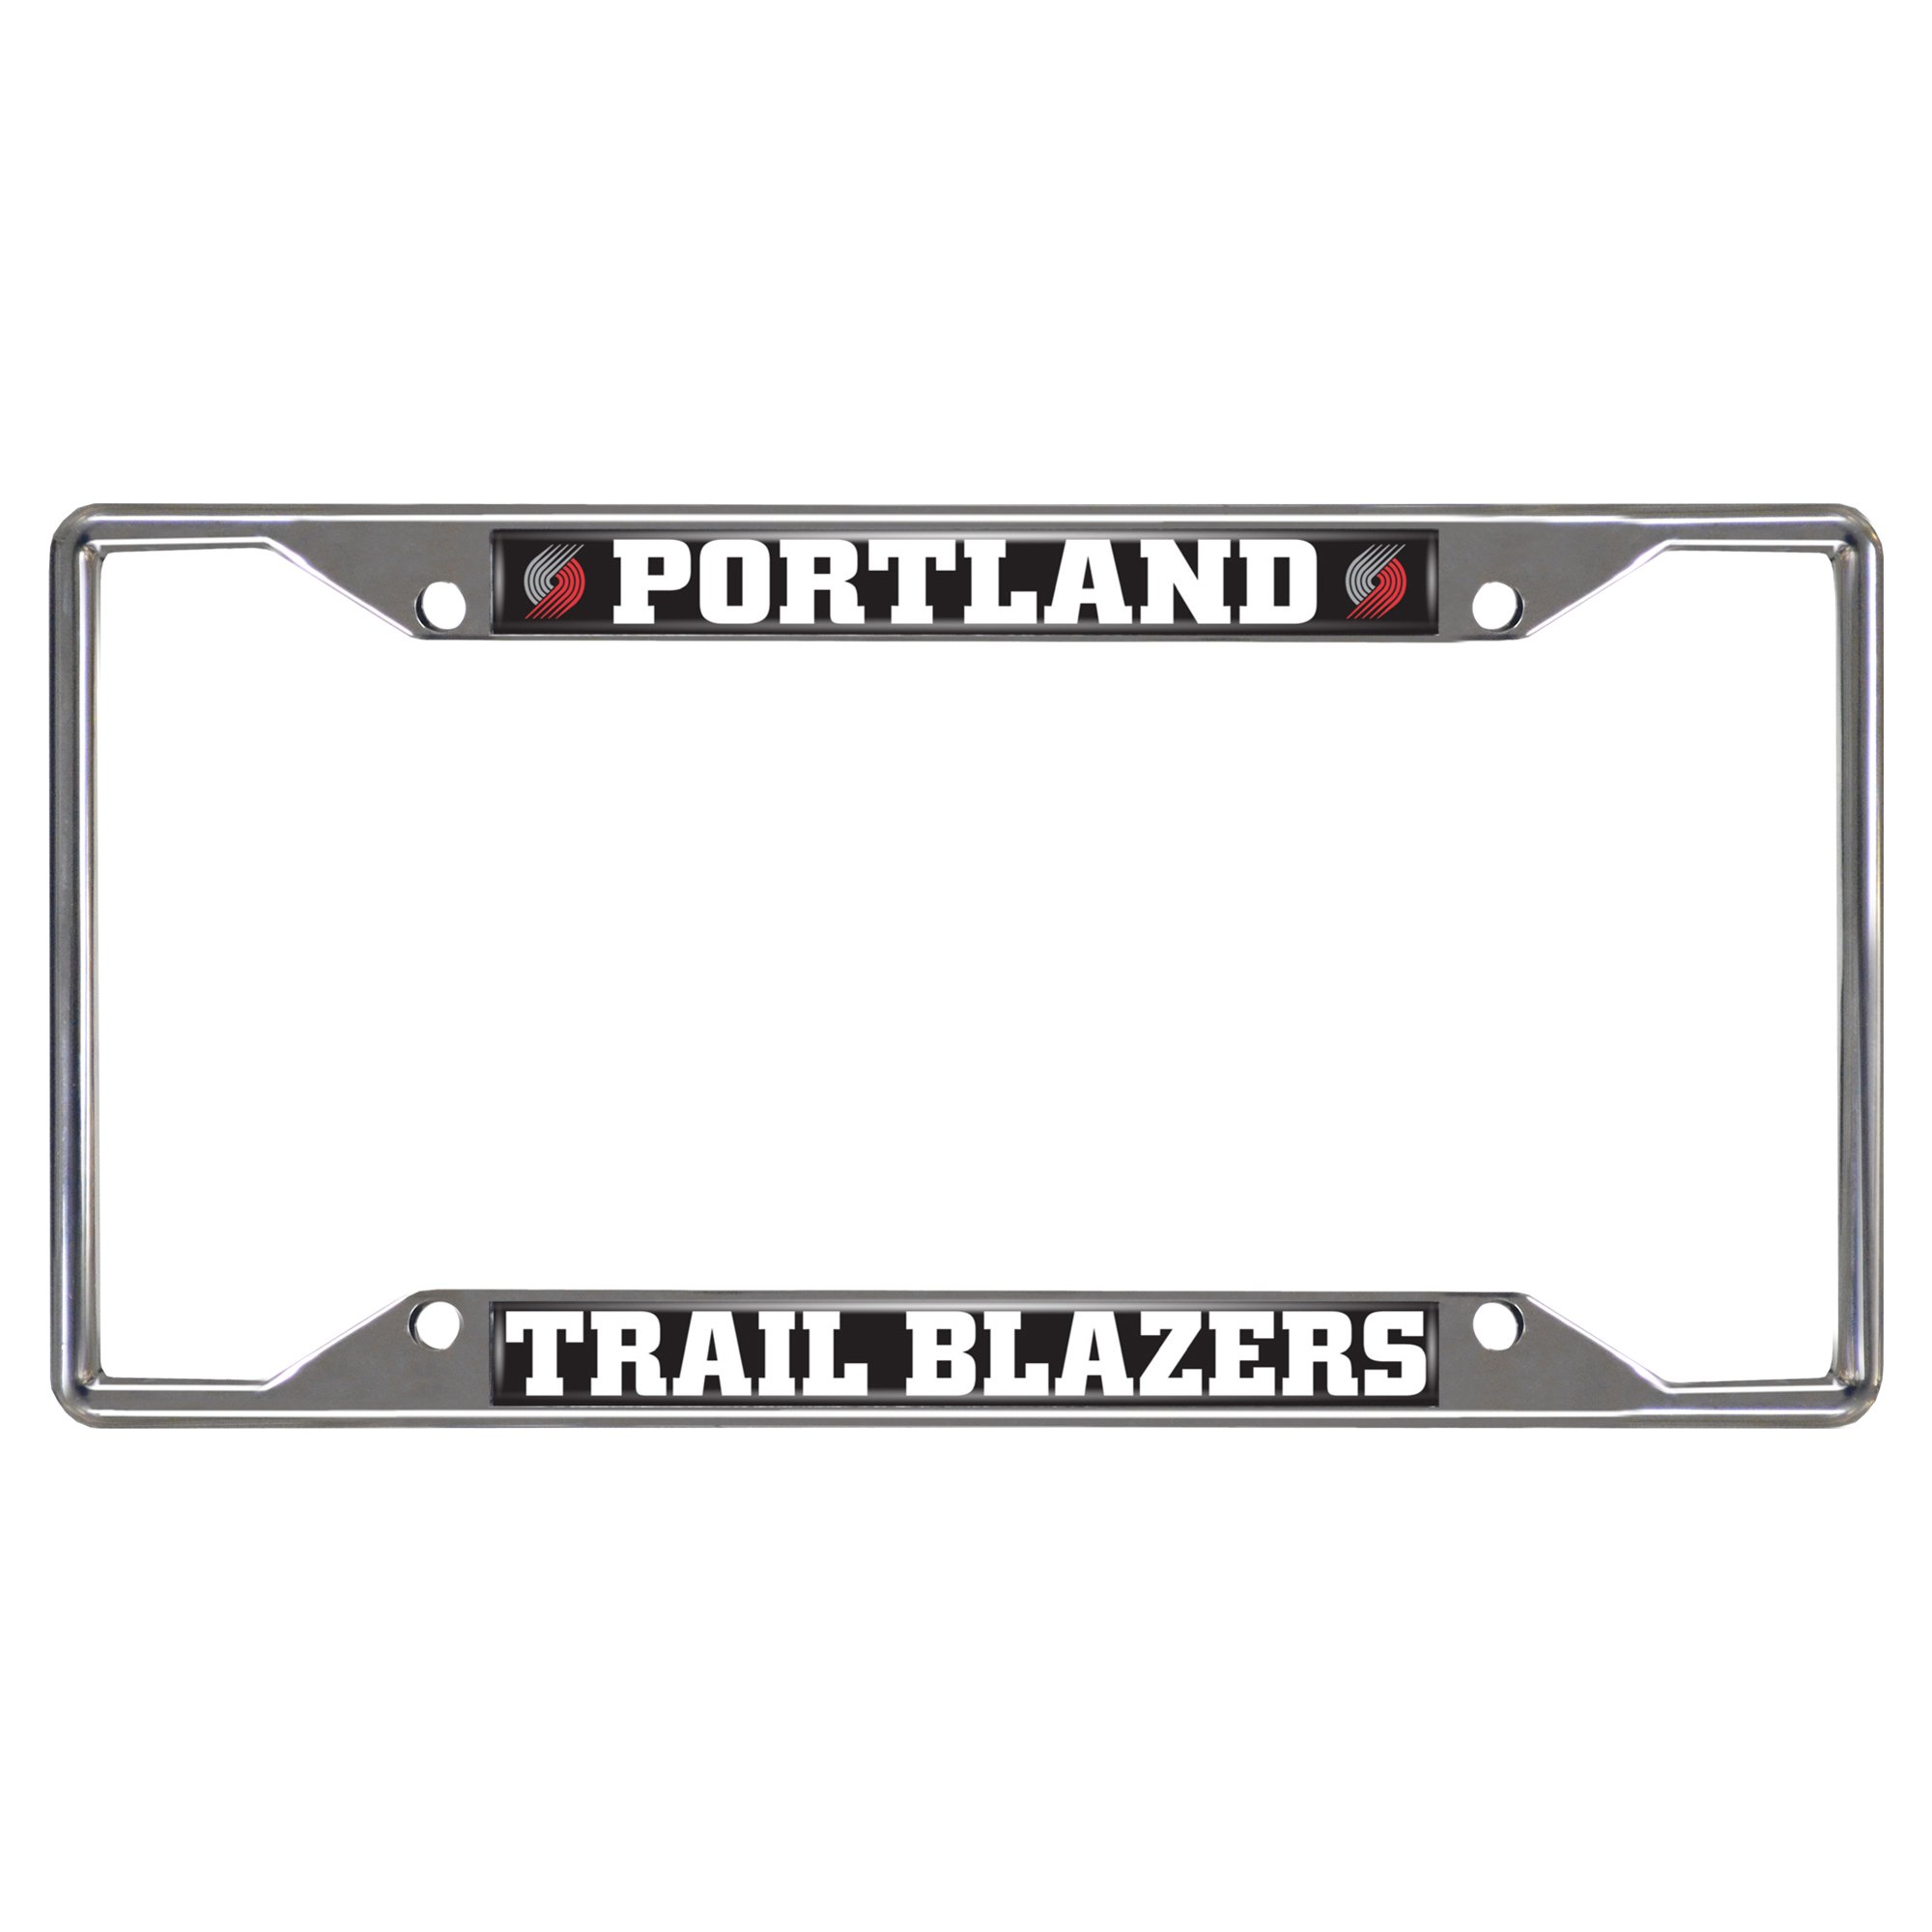 FANMATS NBA Portland Trail Blazers Chrome License Plate Frame by Fanmats